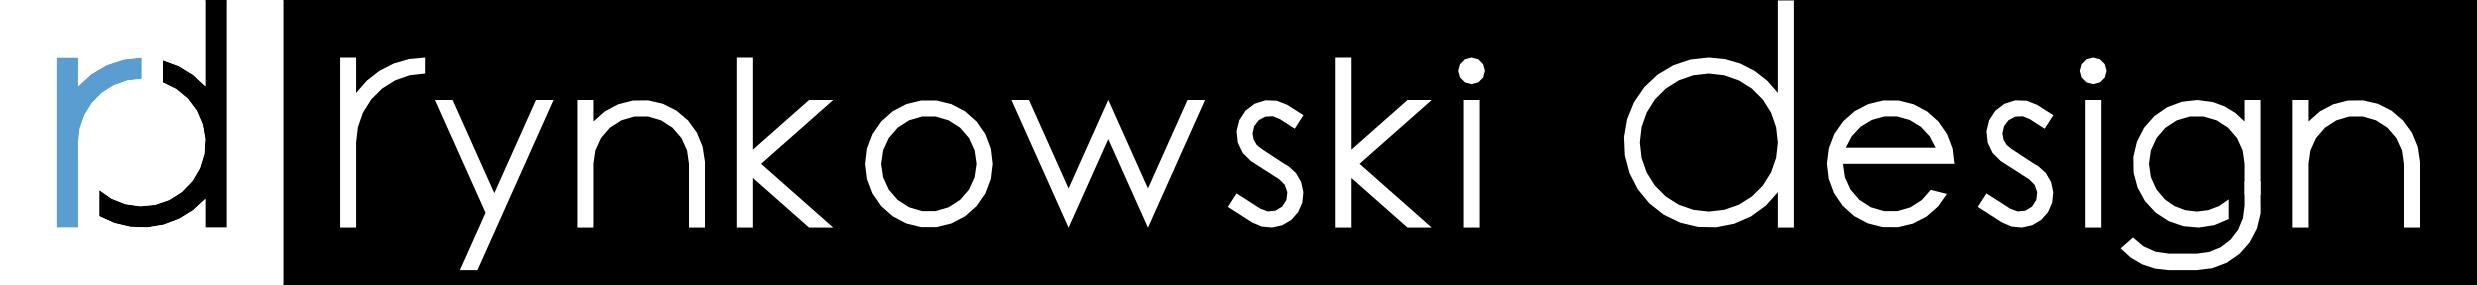 Rynkowski Design – projekty domów i wnętrz